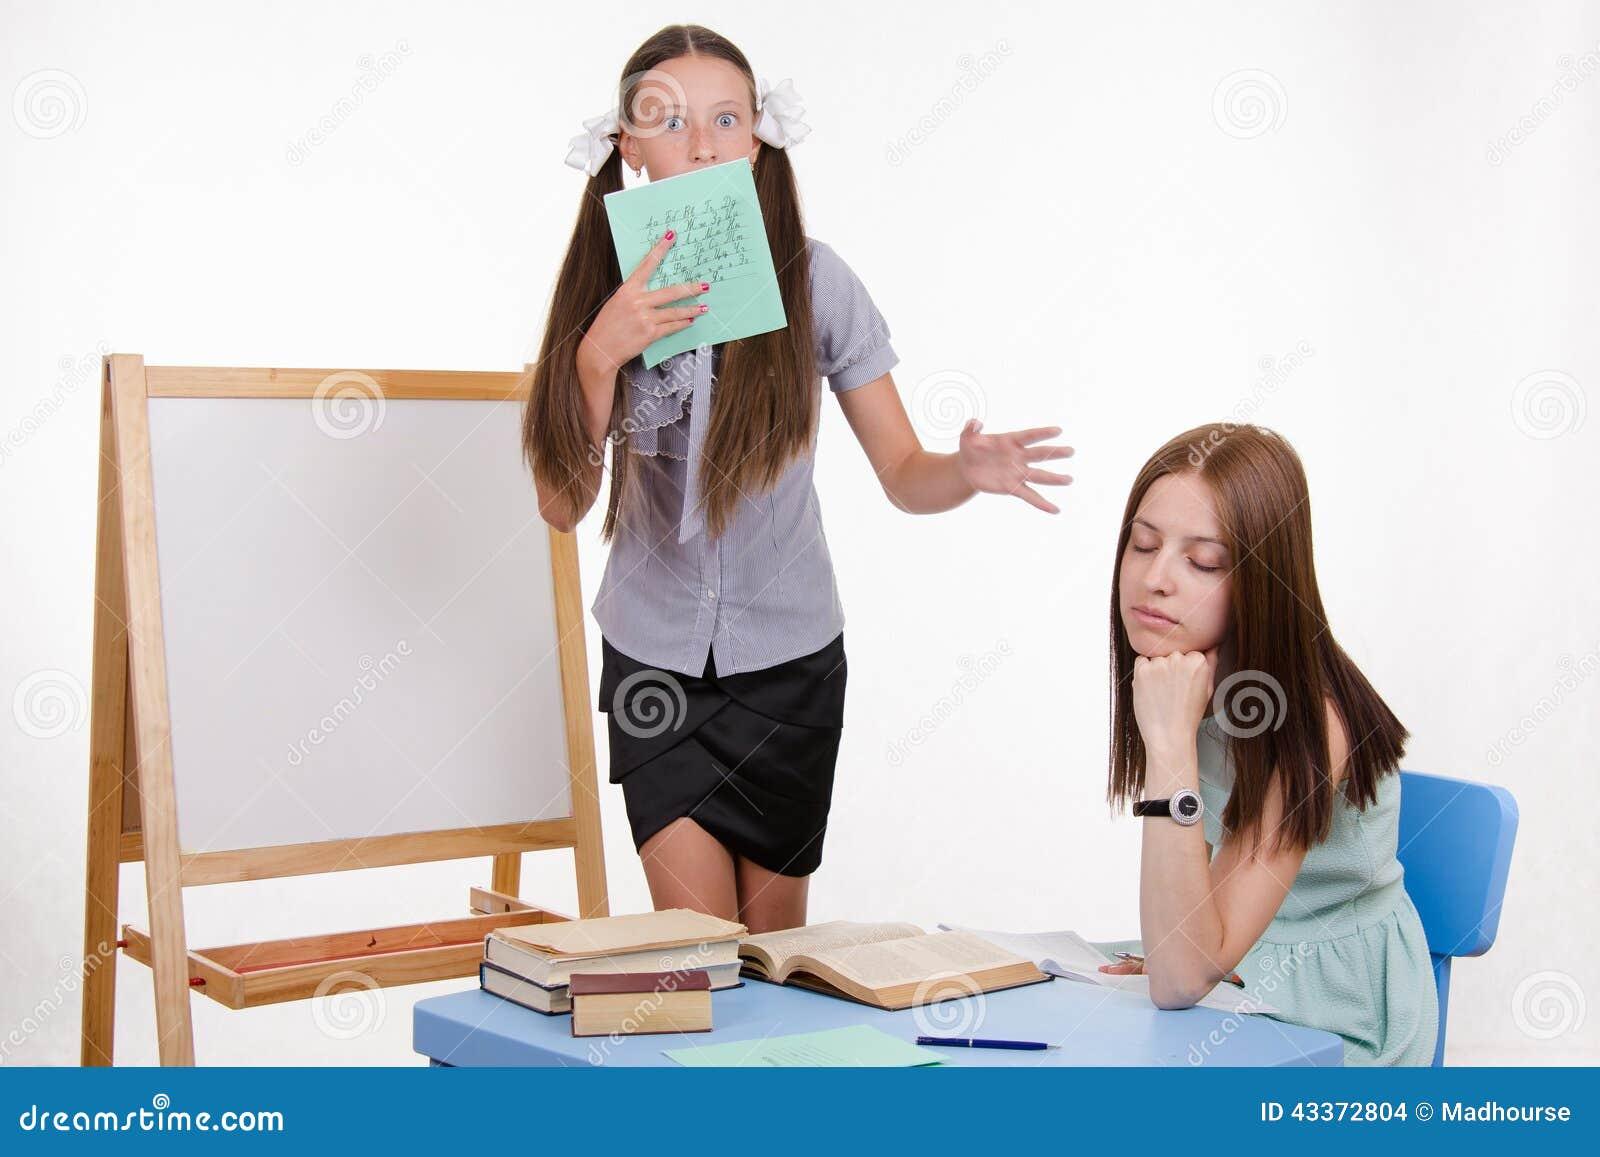 Ο δάσκαλος πήγε στον ύπνο δεδομένου ότι ο σπουδαστής συναντά τον πίνακα